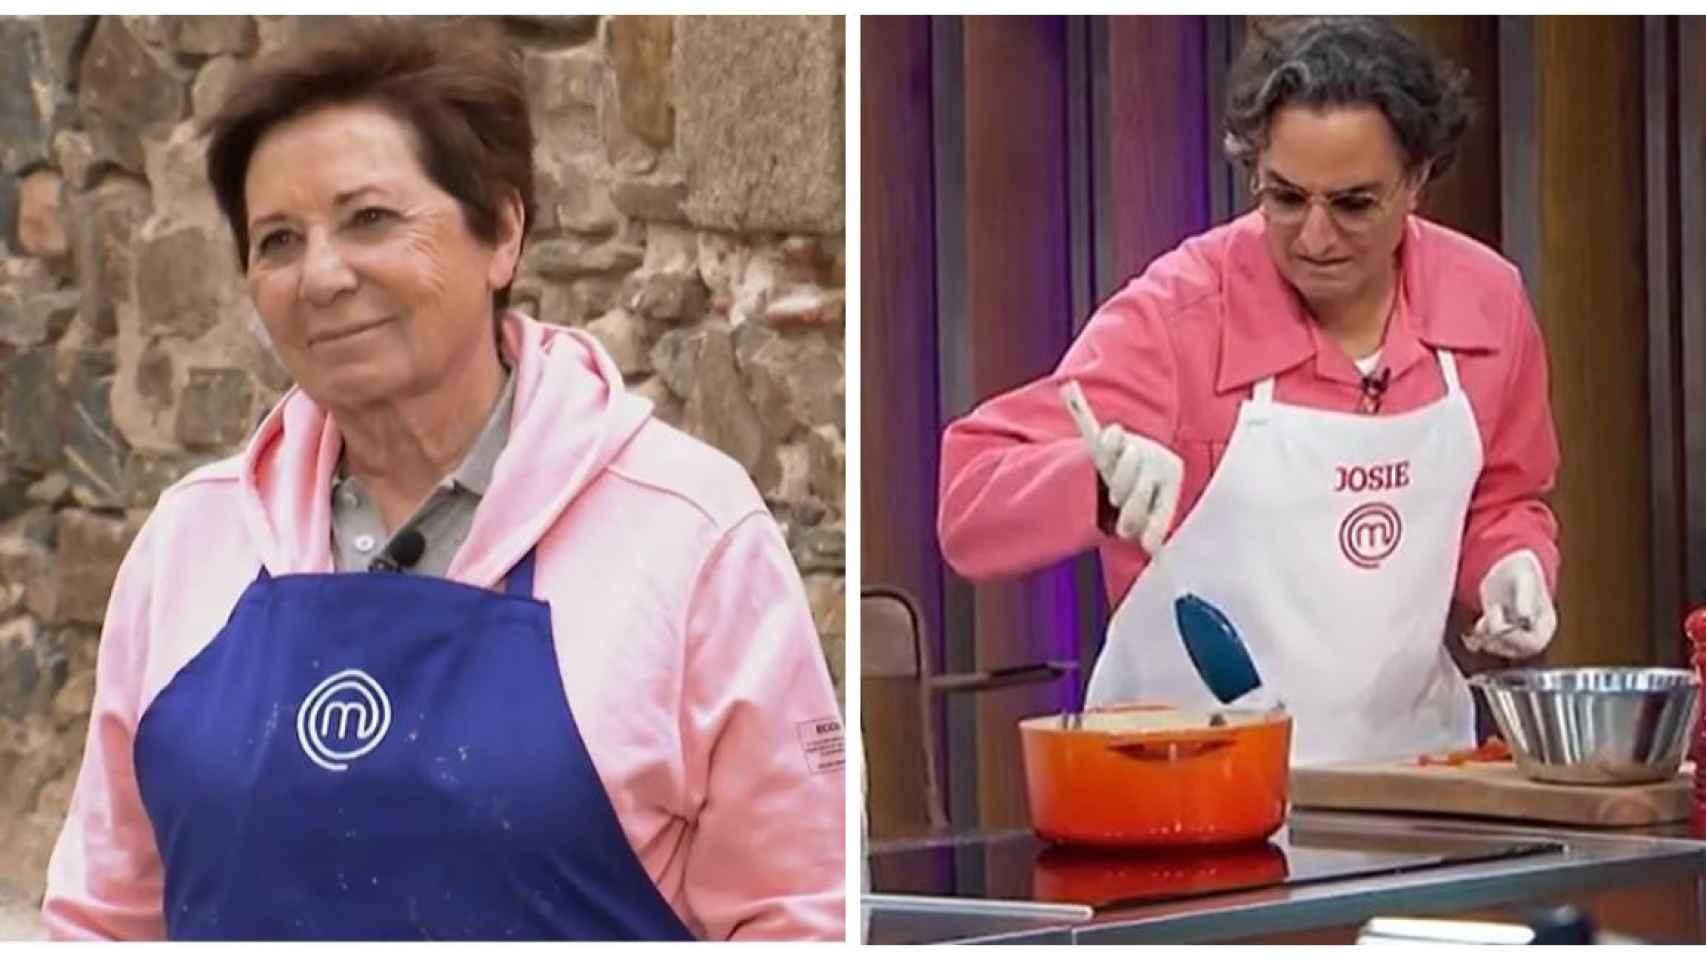 Celia Villalobos y Josie en dos momentos del programa.